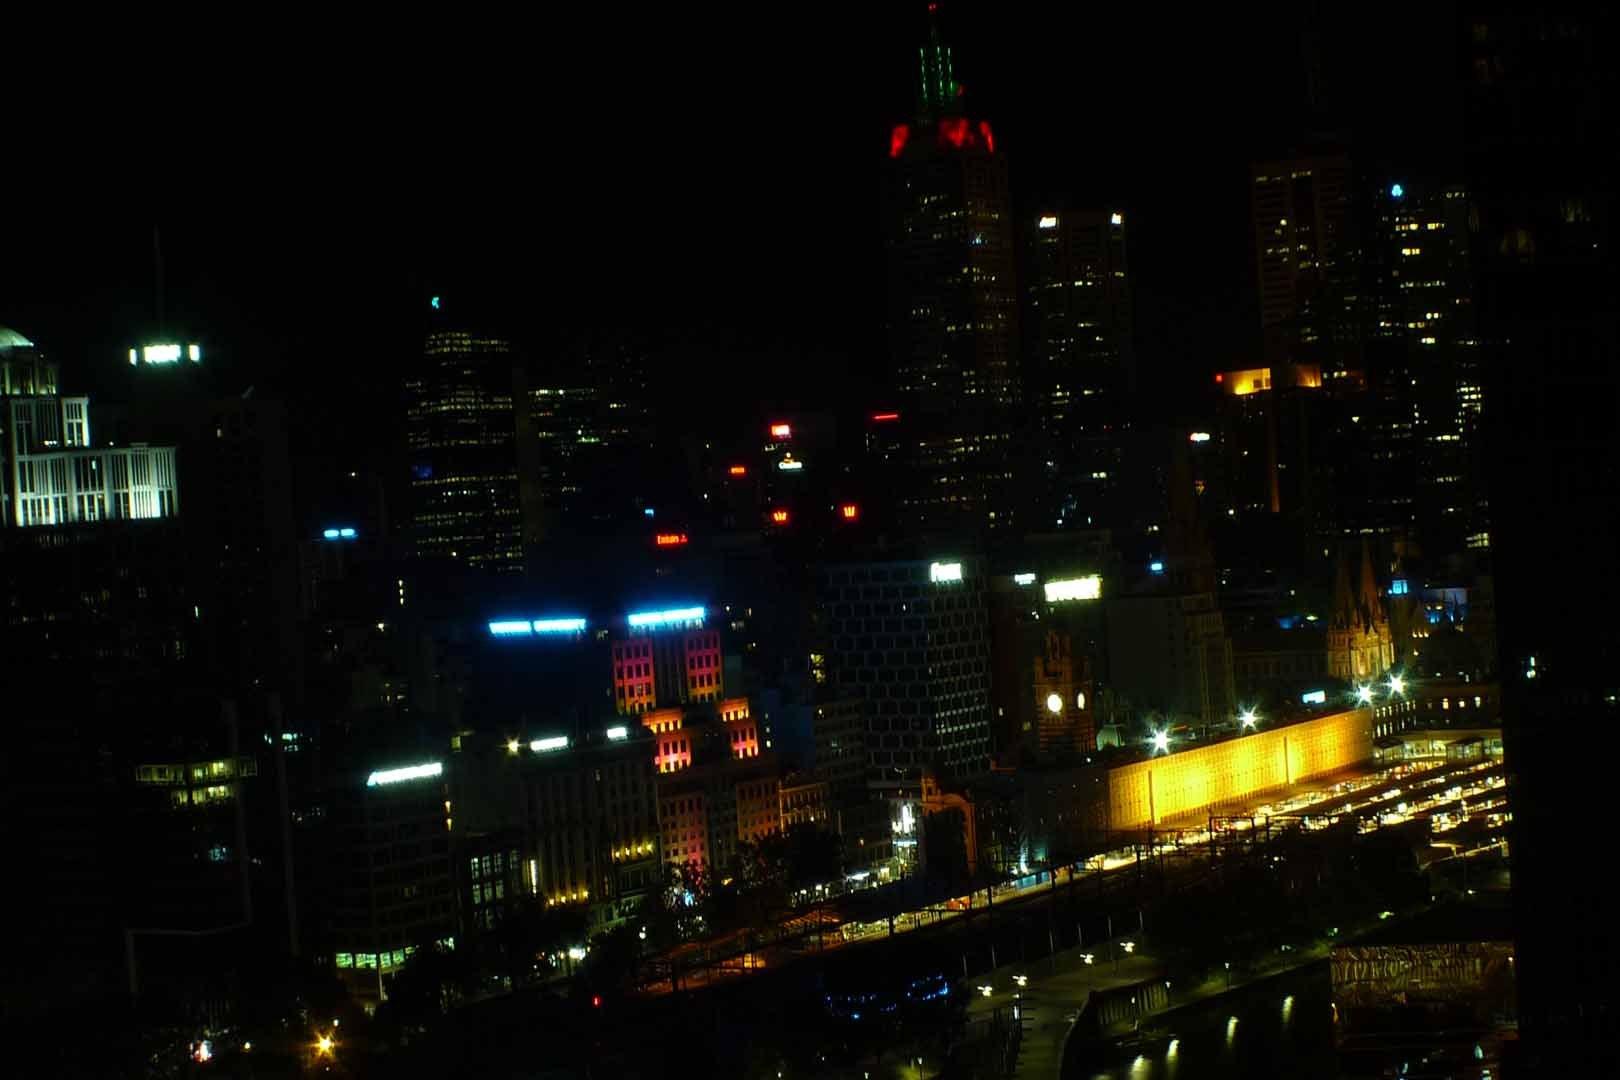 Melbourne_Hotels_Slideshow_002